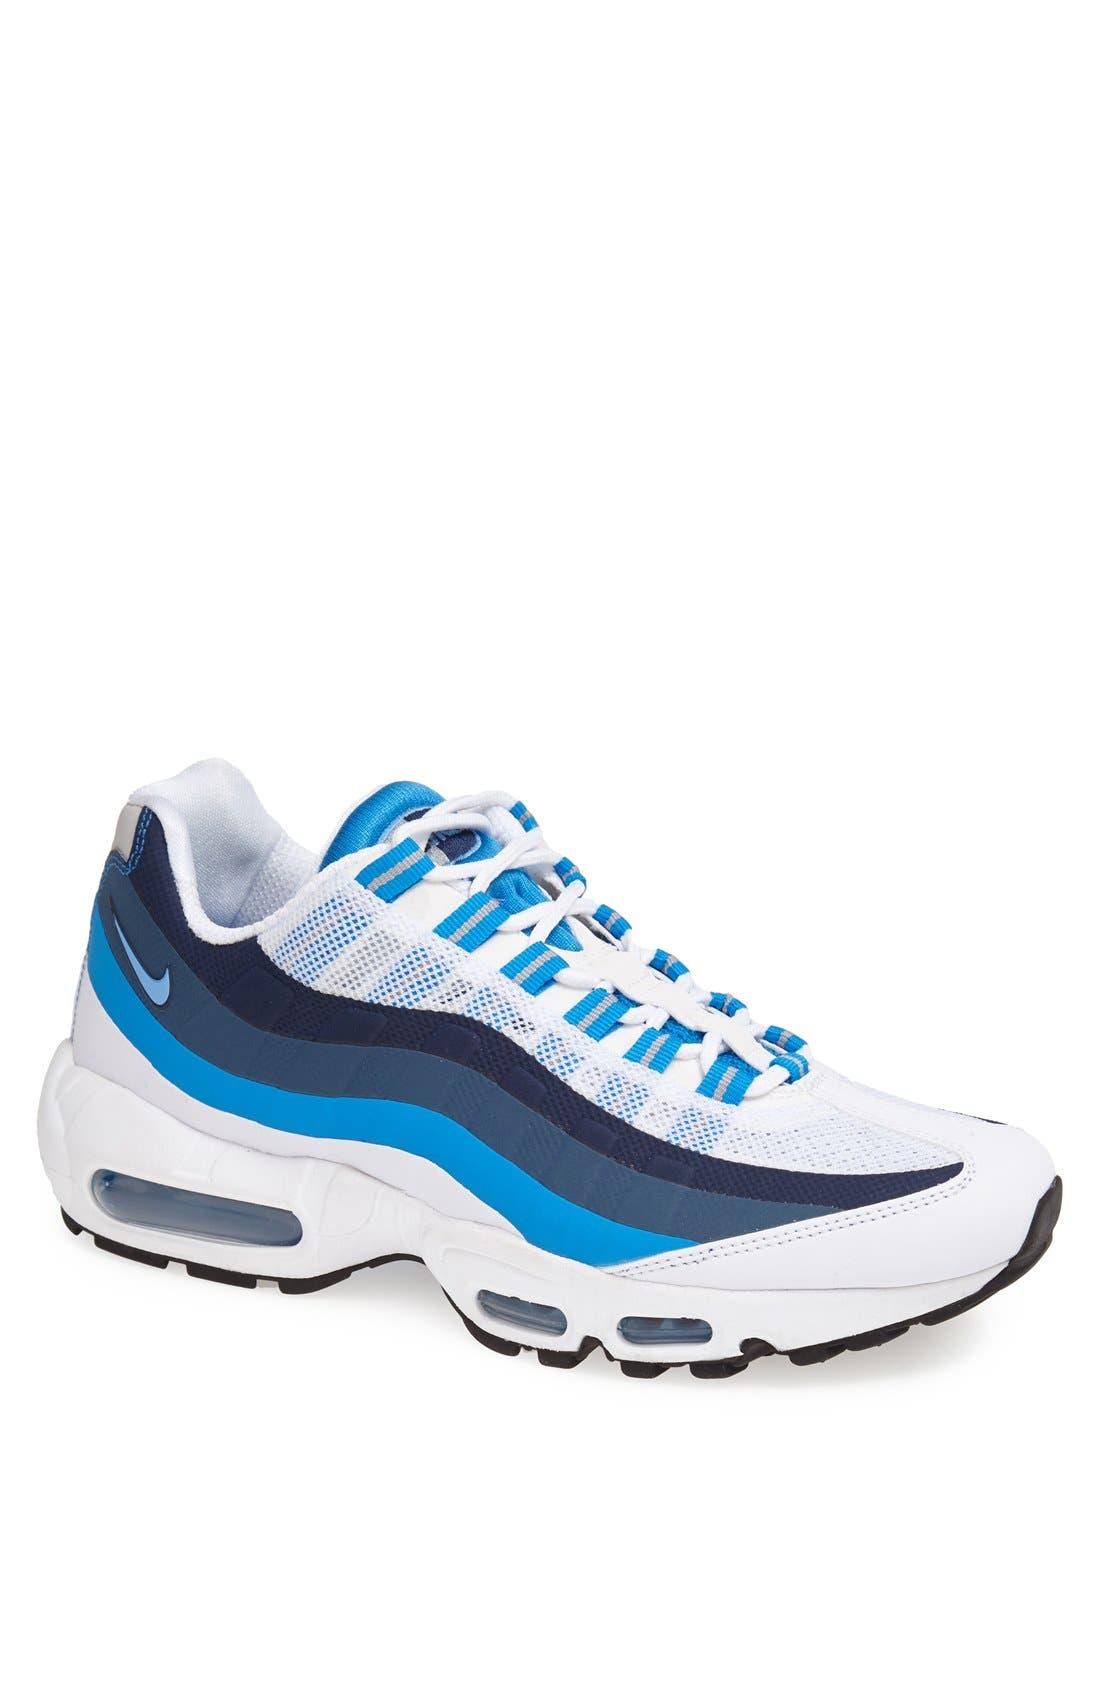 Main Image - Nike 'Air Max 95 No Sew' Sneaker (Men)